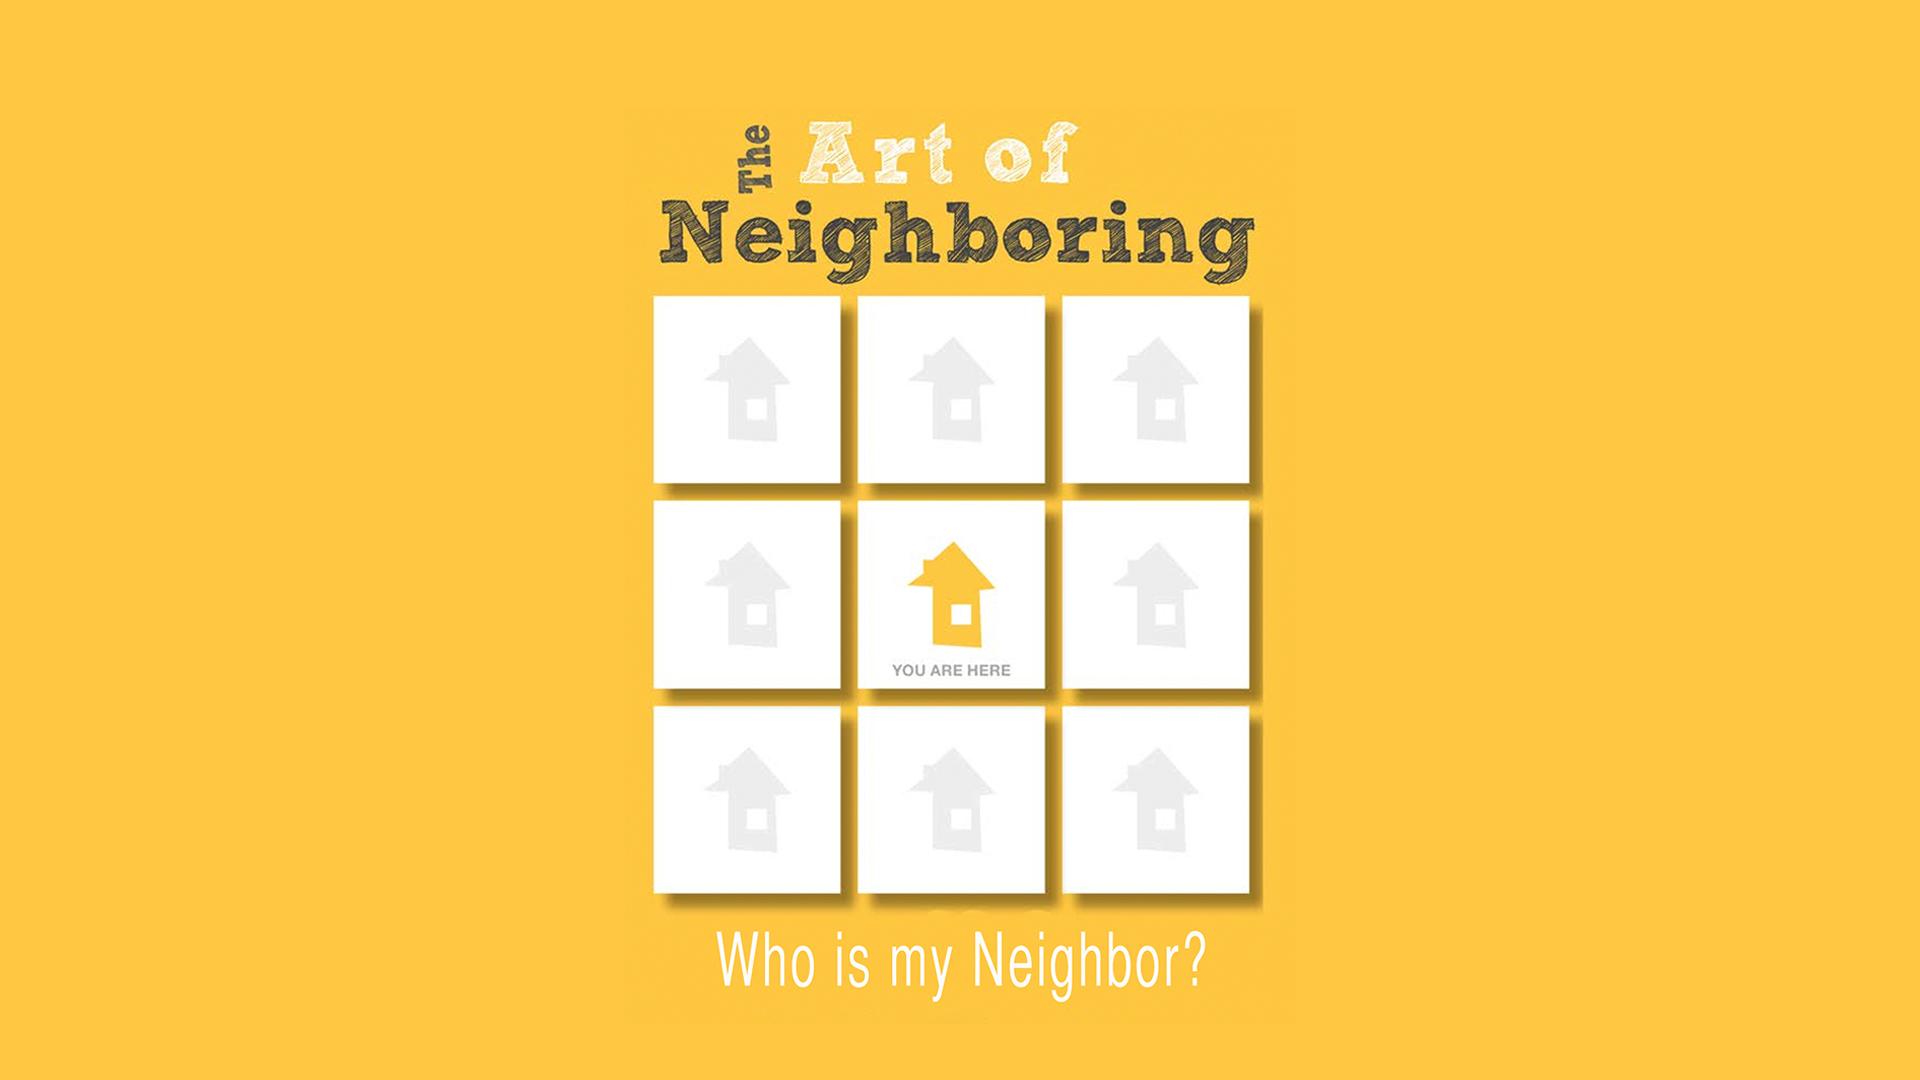 Loving My Neighbor Better - (Based on The Art of Neighboring)